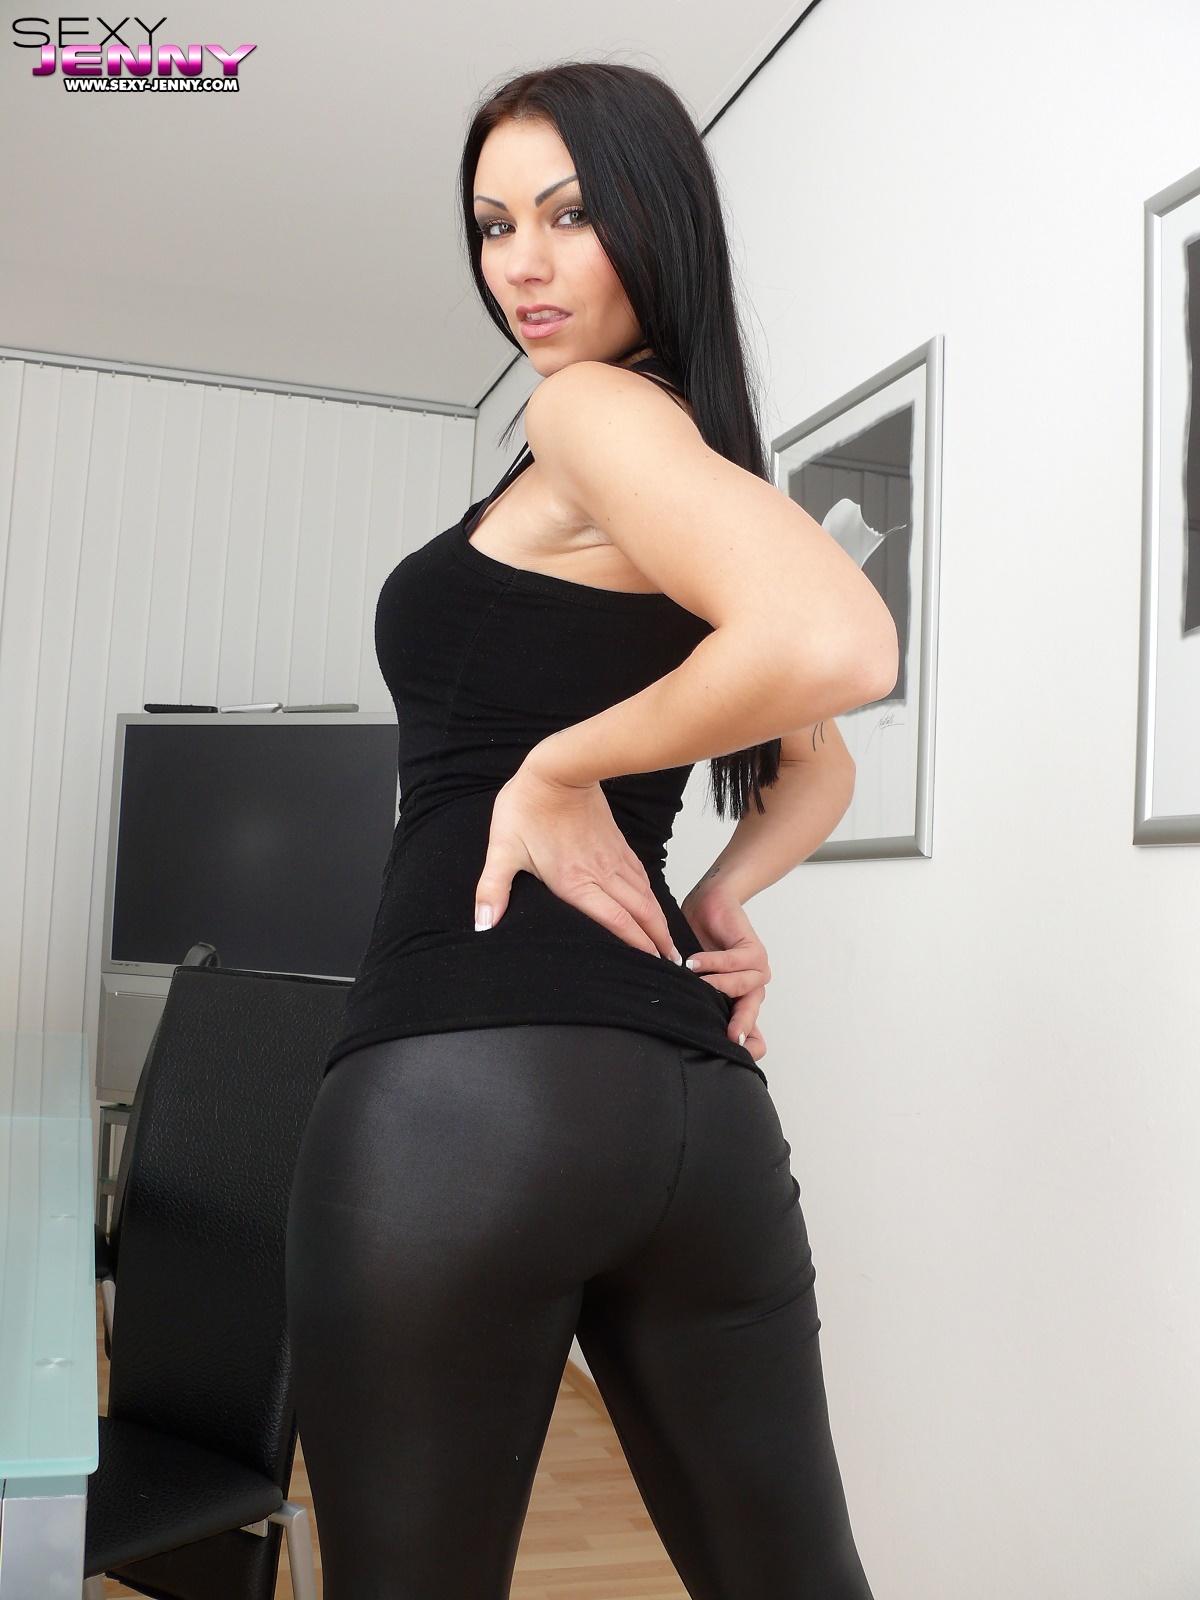 squirting in leggings femdoms